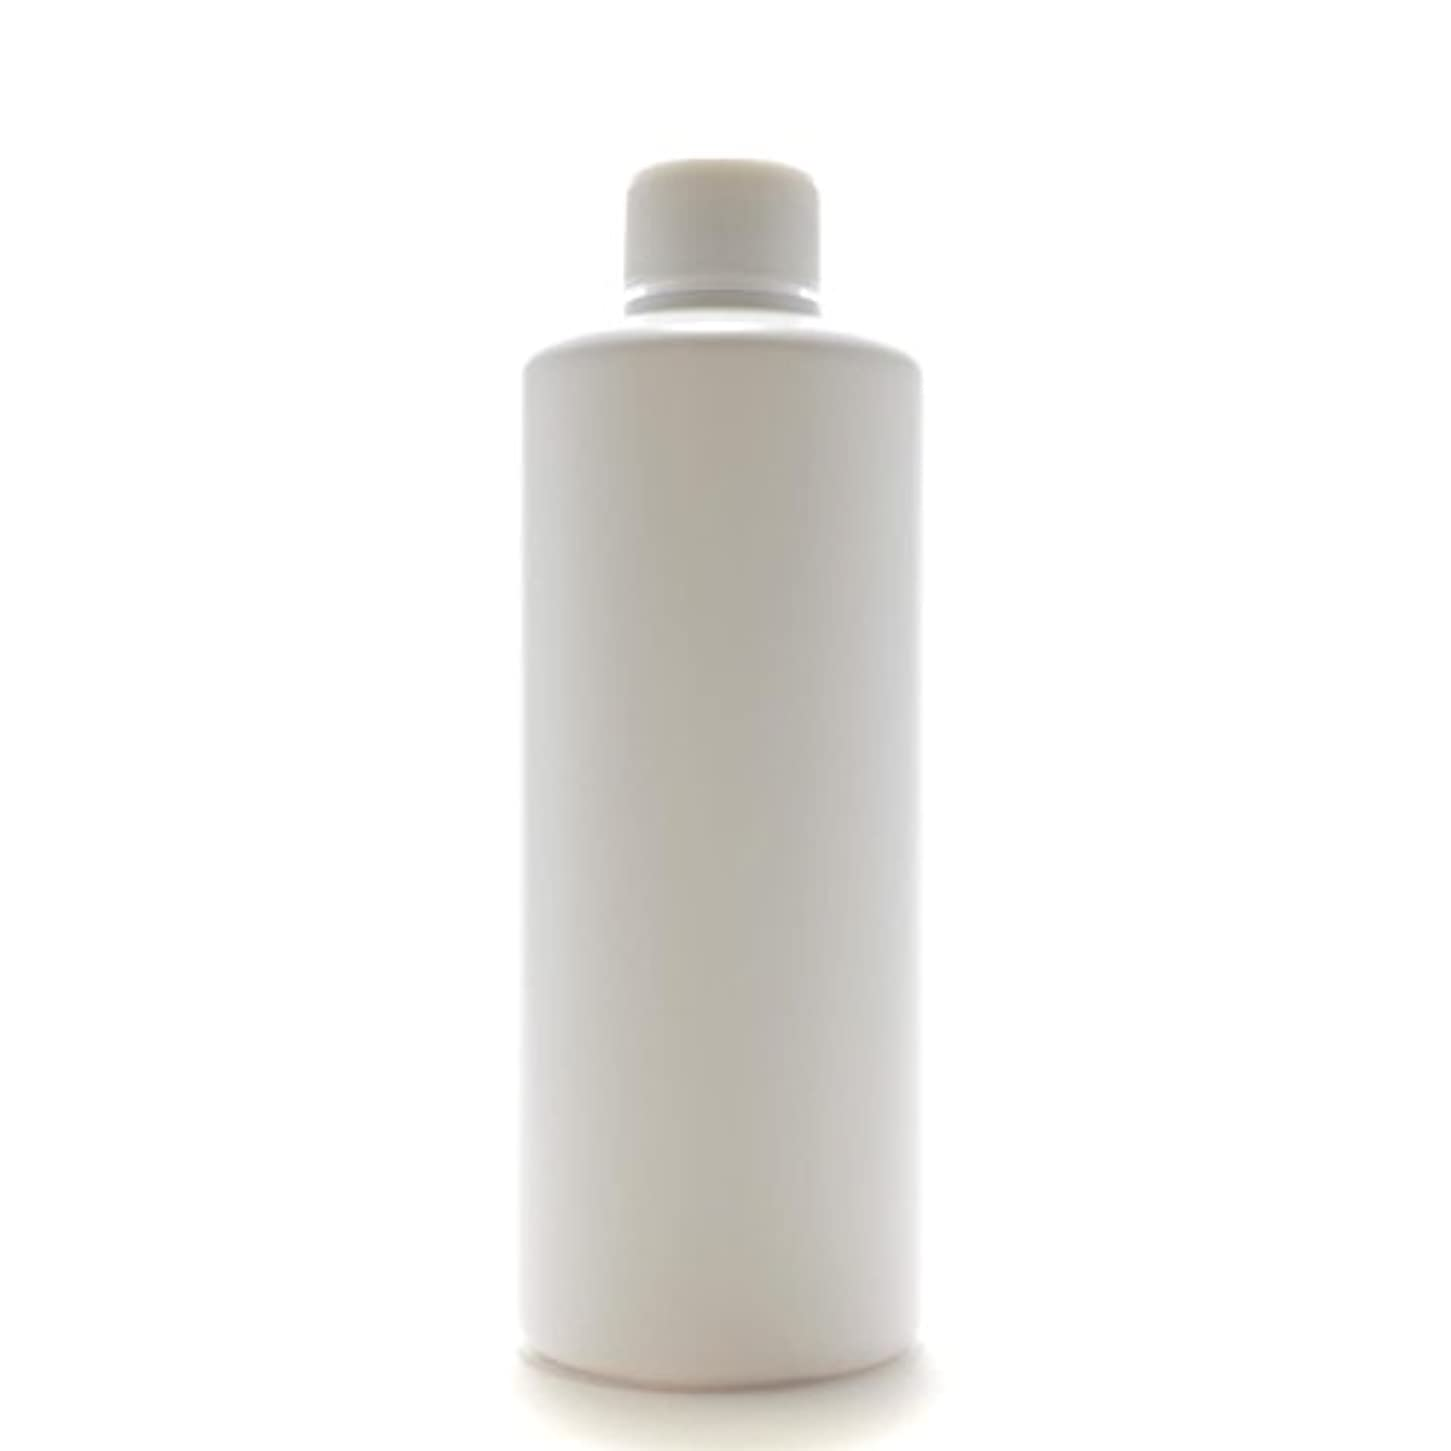 アメリカピンチオプショナルプラスチック容器 300mL PE ストレートボトル ホワイト【スクリューキャップ:ホワイト 中栓付き】